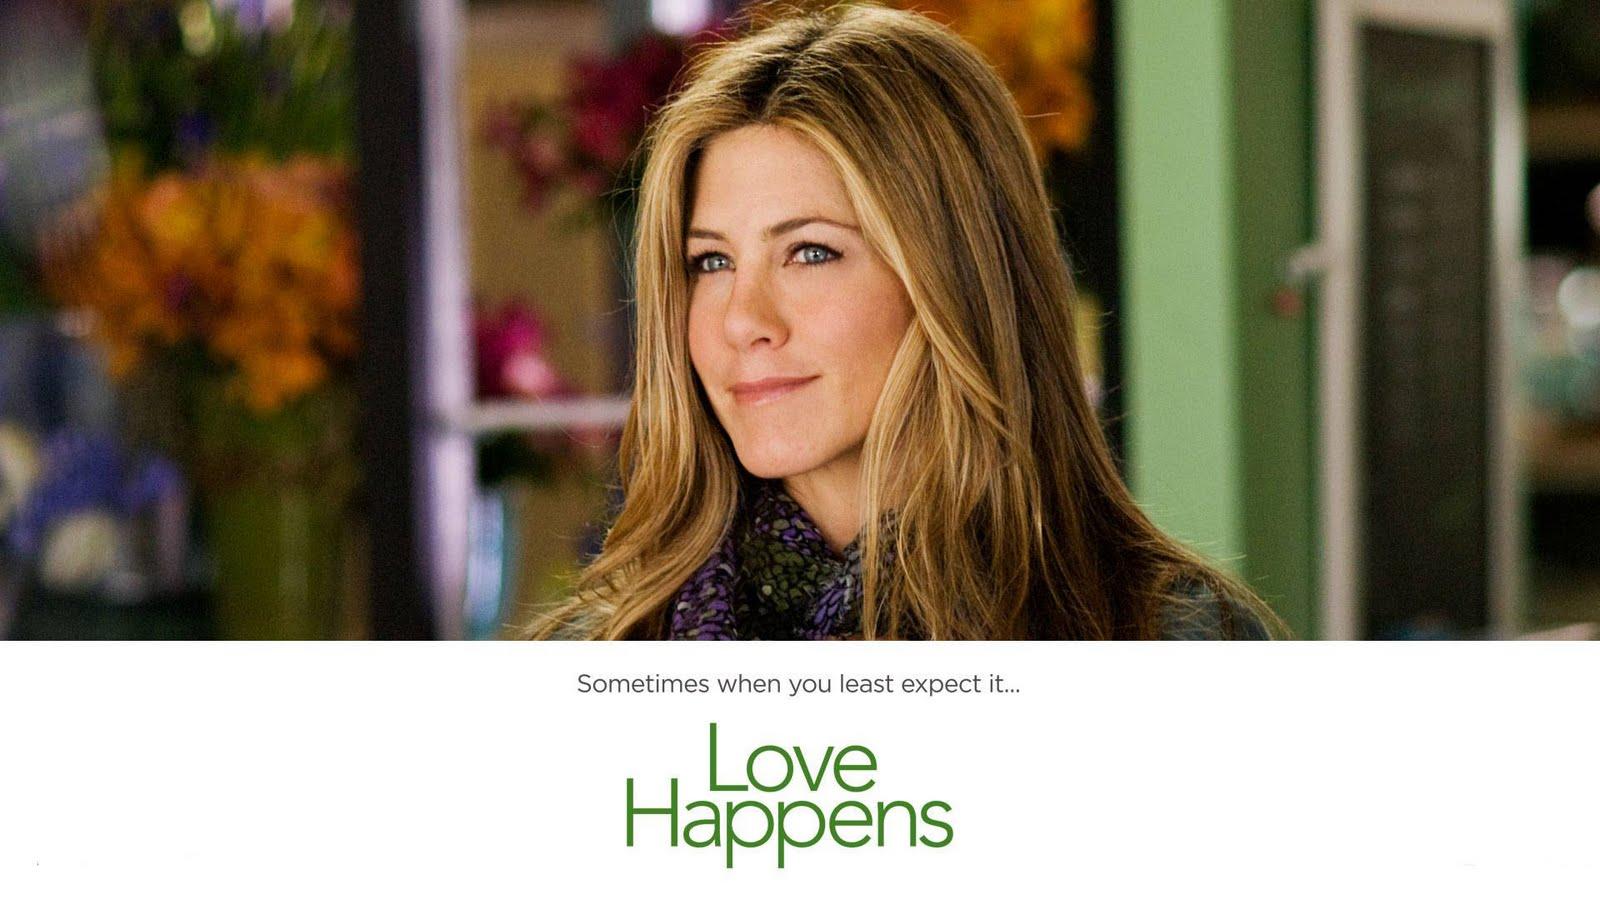 http://2.bp.blogspot.com/_I8WzyvwHqUk/S7JR948mdzI/AAAAAAAADZo/TLSw4j_Ue4Q/s1600/love+happens2.jpg